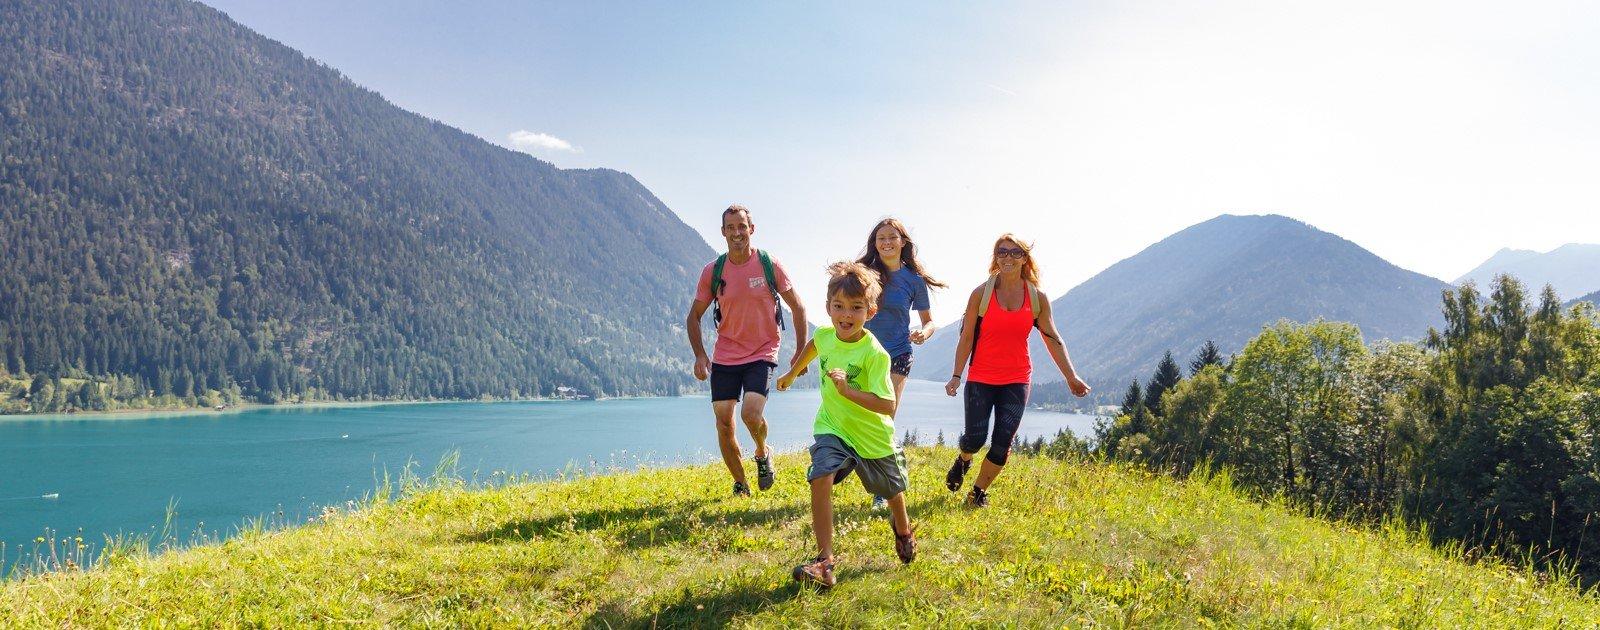 Familienwanderung am Weissensee in Kaernten